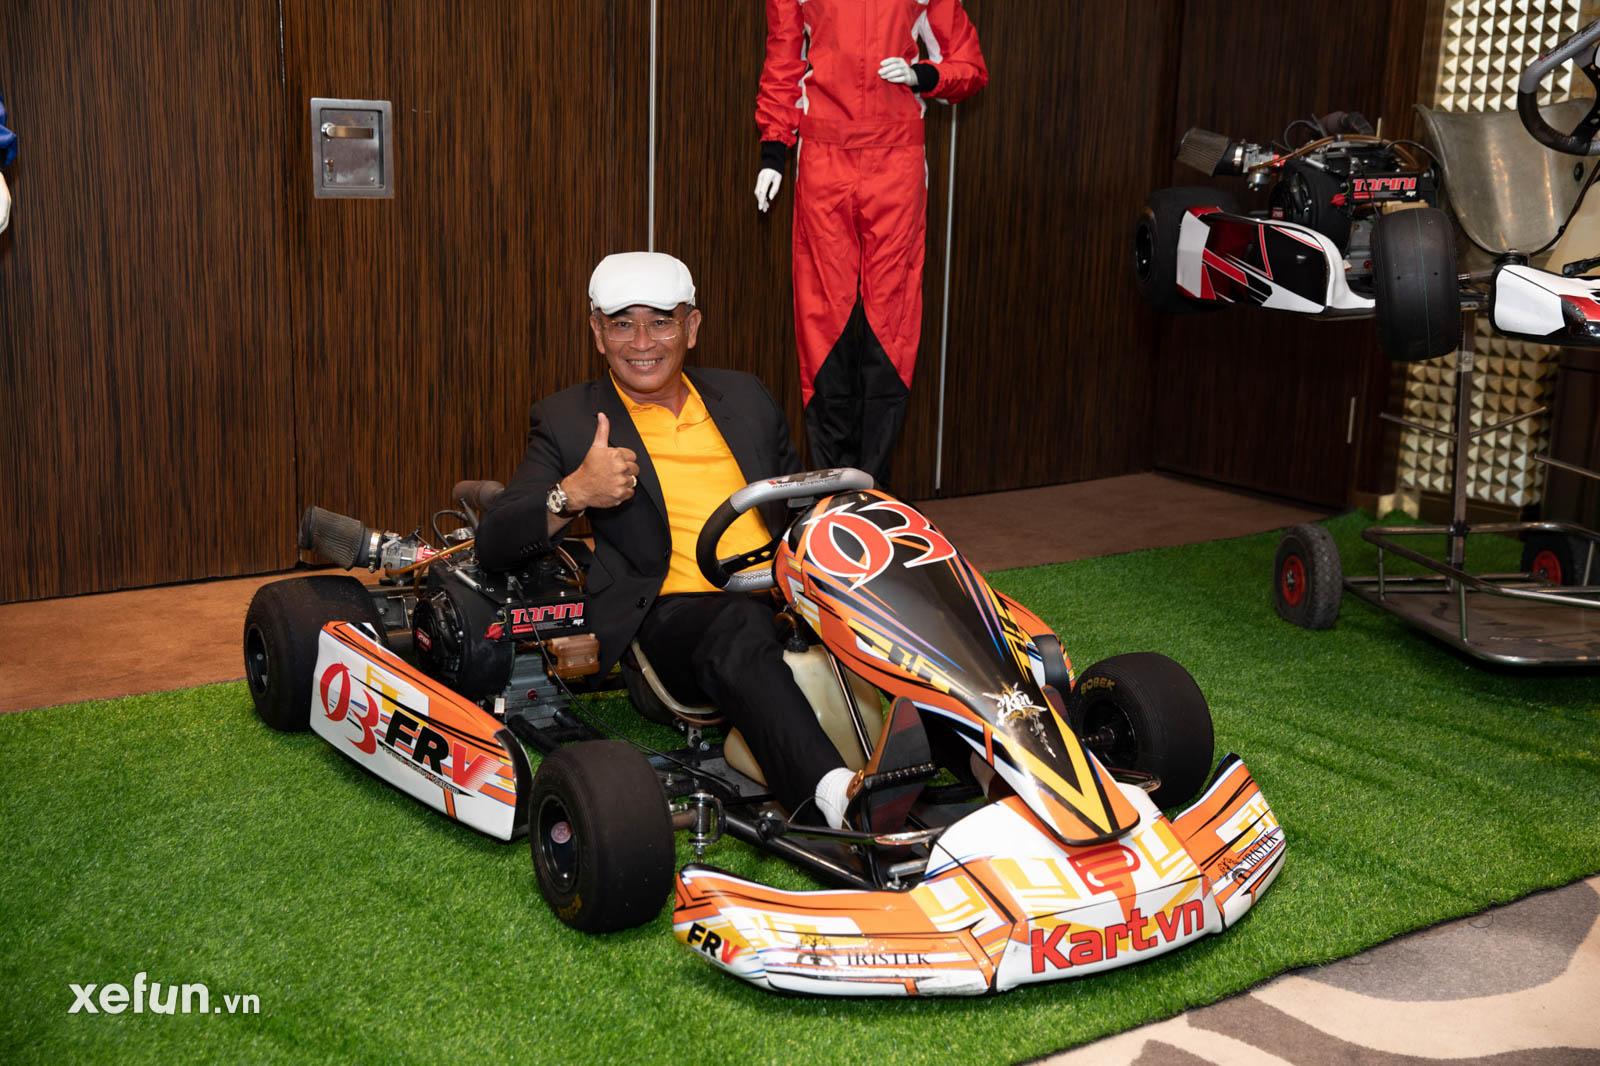 Giải đua Go Kart Southern Open Championship Formula Racing Vietnam trên Xefun (1)47586